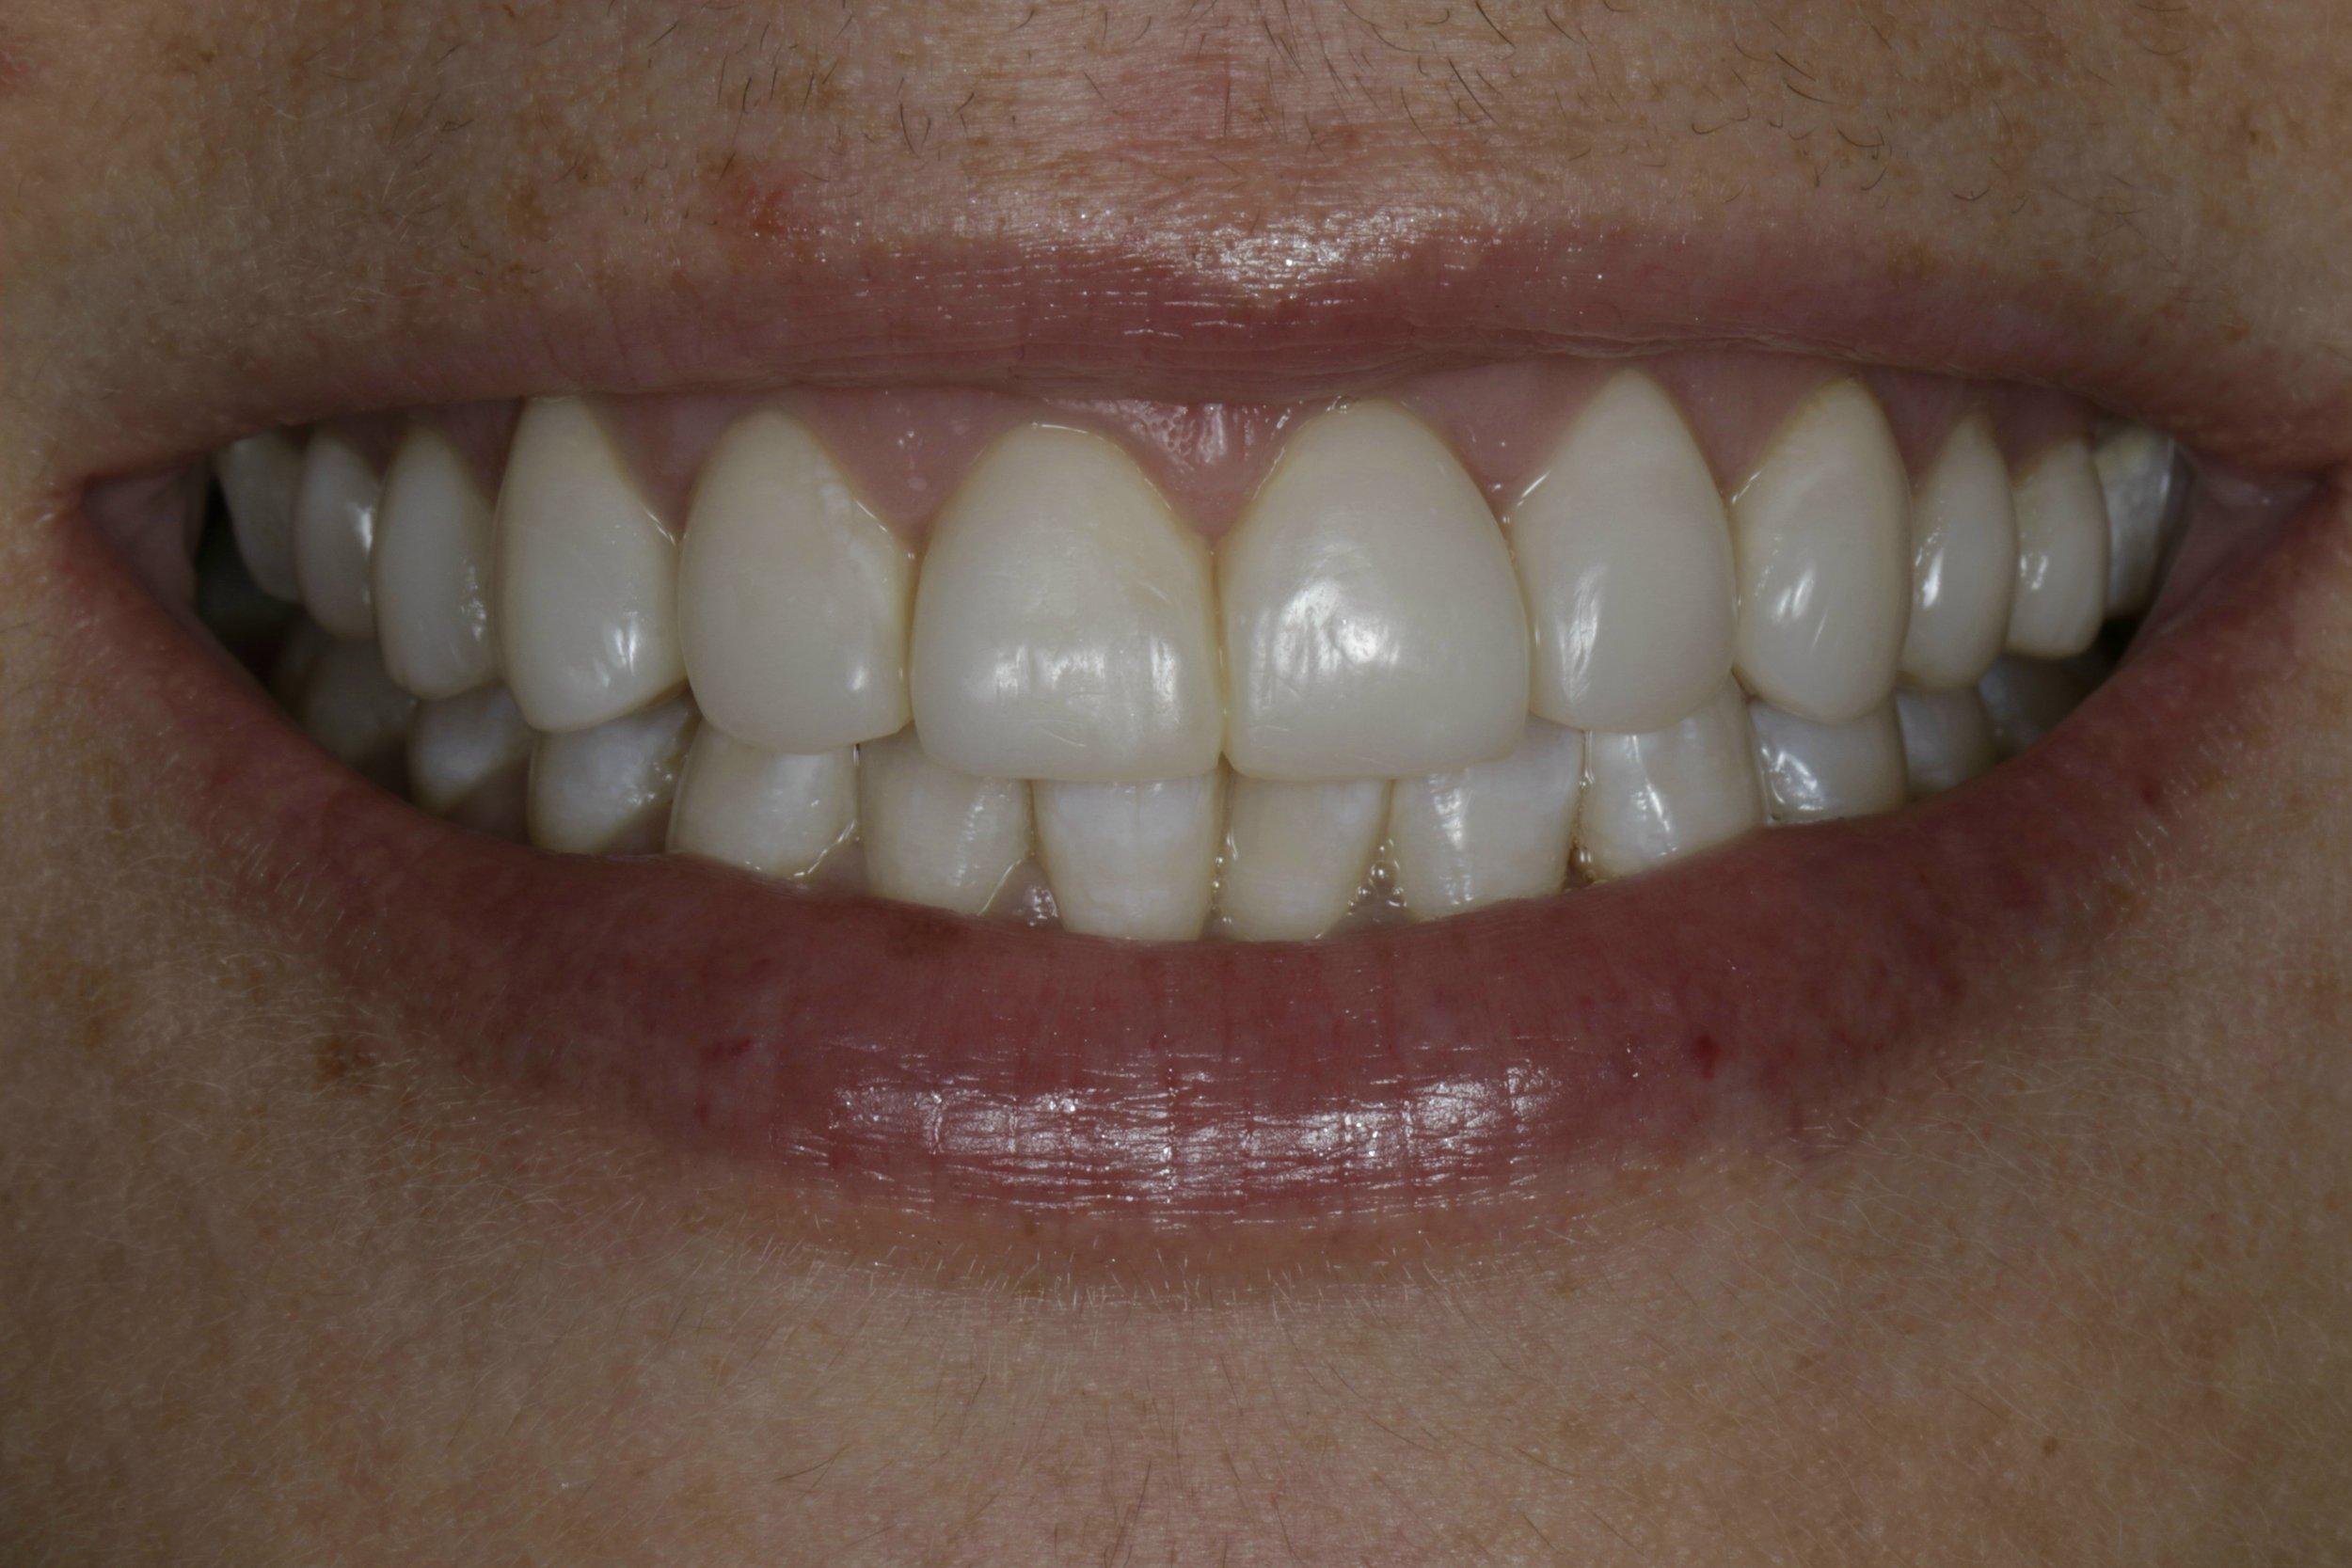 Restorative Dentistry - after